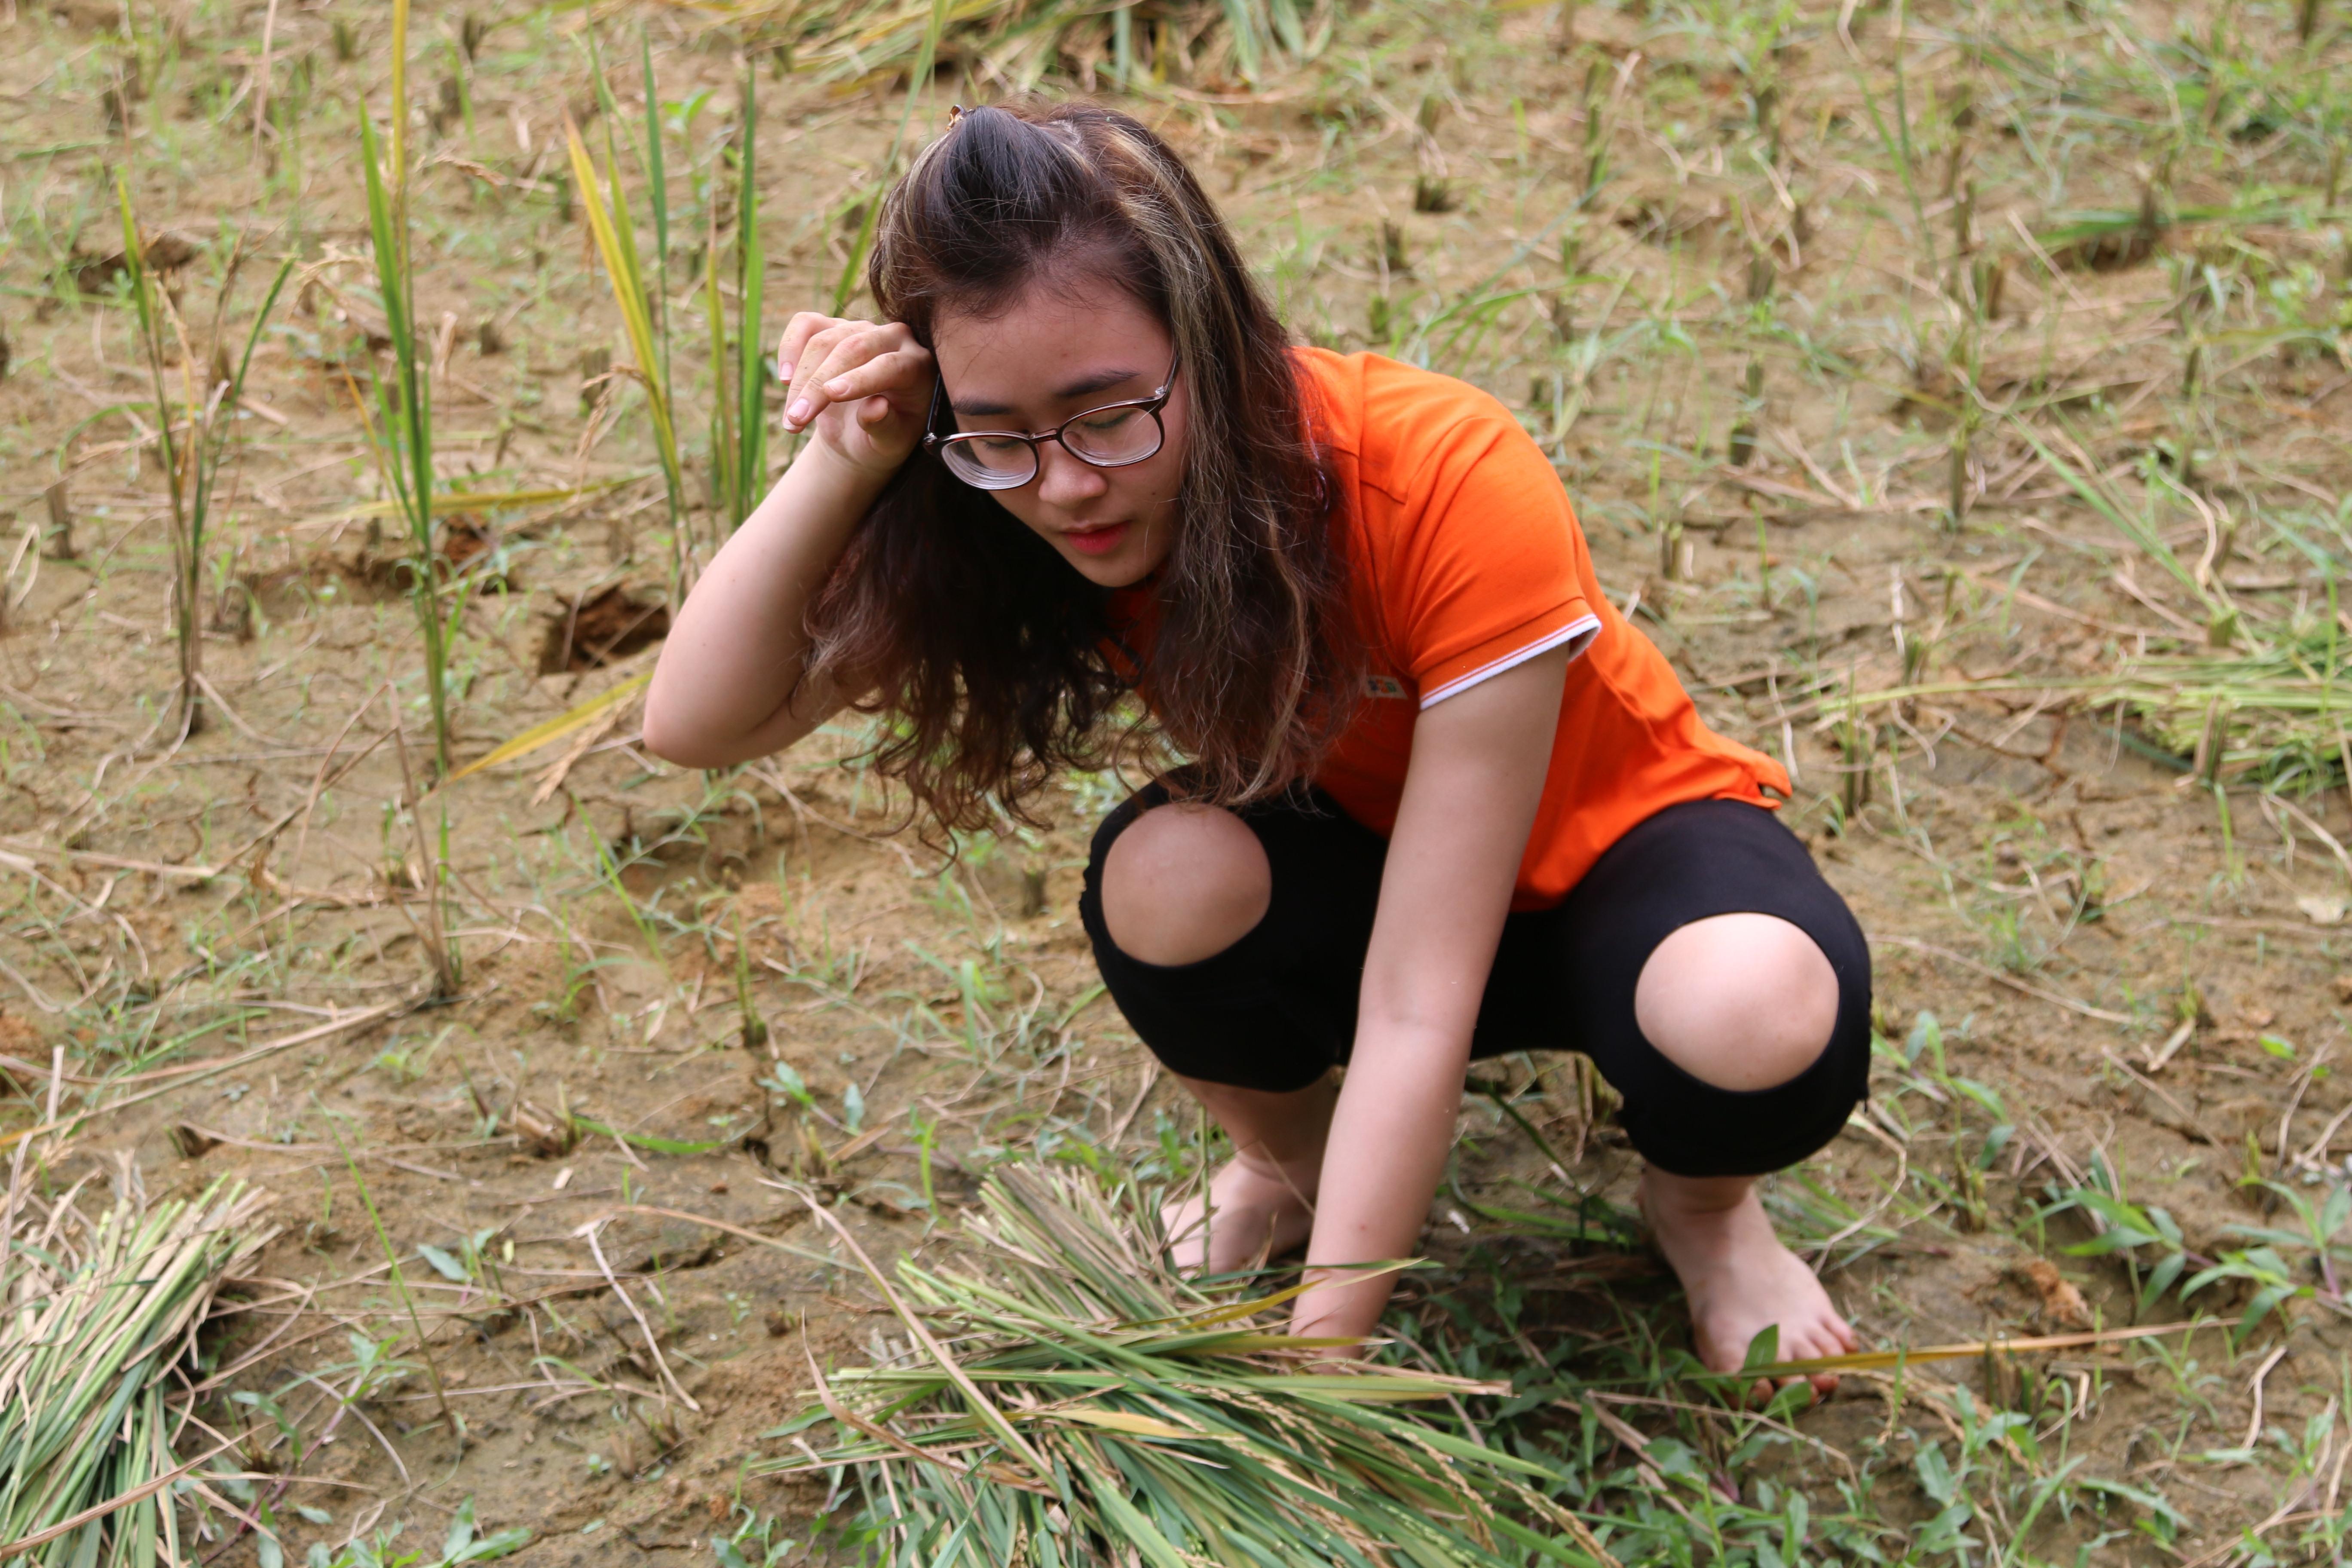 """Chị Lê Thị Huyền (FPT Software FWI) cho biết:""""Cuộc thi khiến tôi nhớ lại cảm giác trước đây phụ bố mẹ cấy gặt trên mảnh đất quê hương Thái Bình. Hôm nay, đặc biệt hơn khi được cùng anh chị em trong công ty thu hoạch lúa ngay trên làng công nghệ với sự hào hứng""""."""